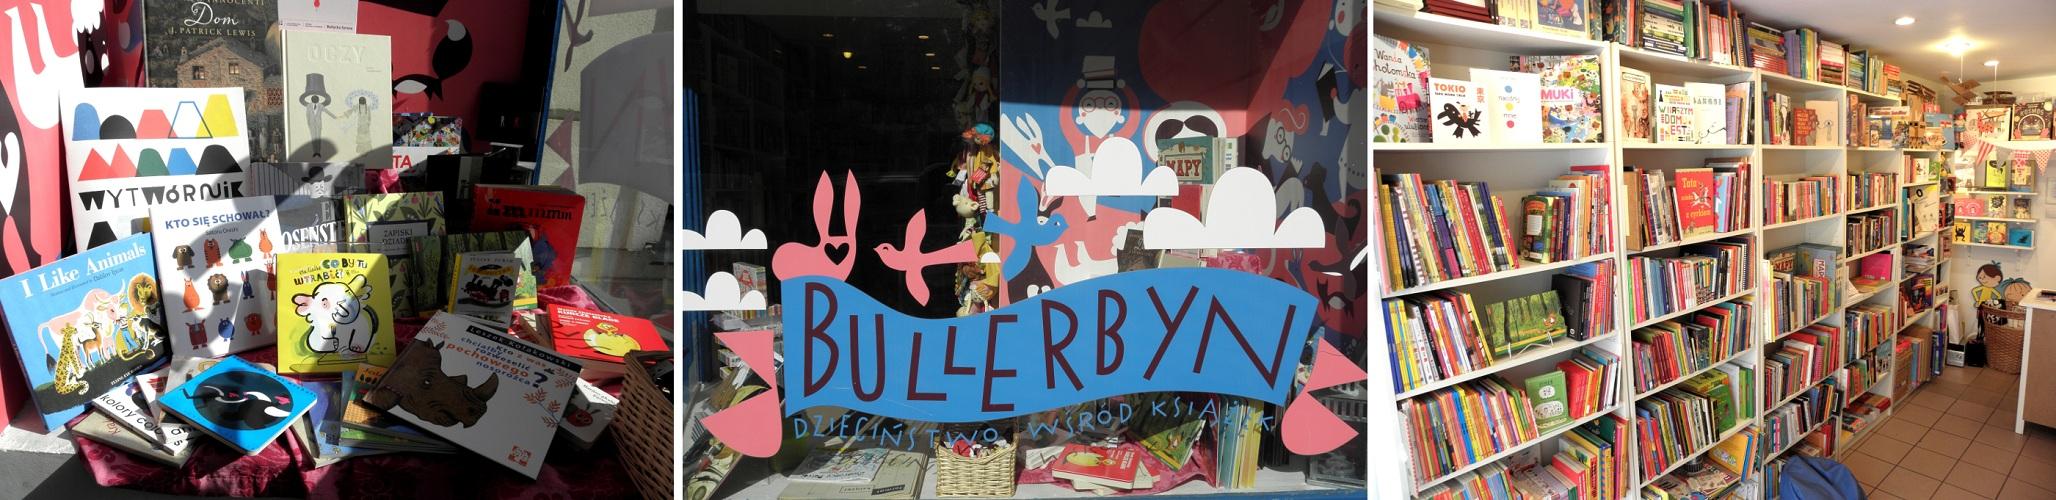 Bullerbyn - niewielki lokal przy ulicy Chmielnej w Warszawie przyciąga dzieci i dorosłych (fot. materiały prasowe)